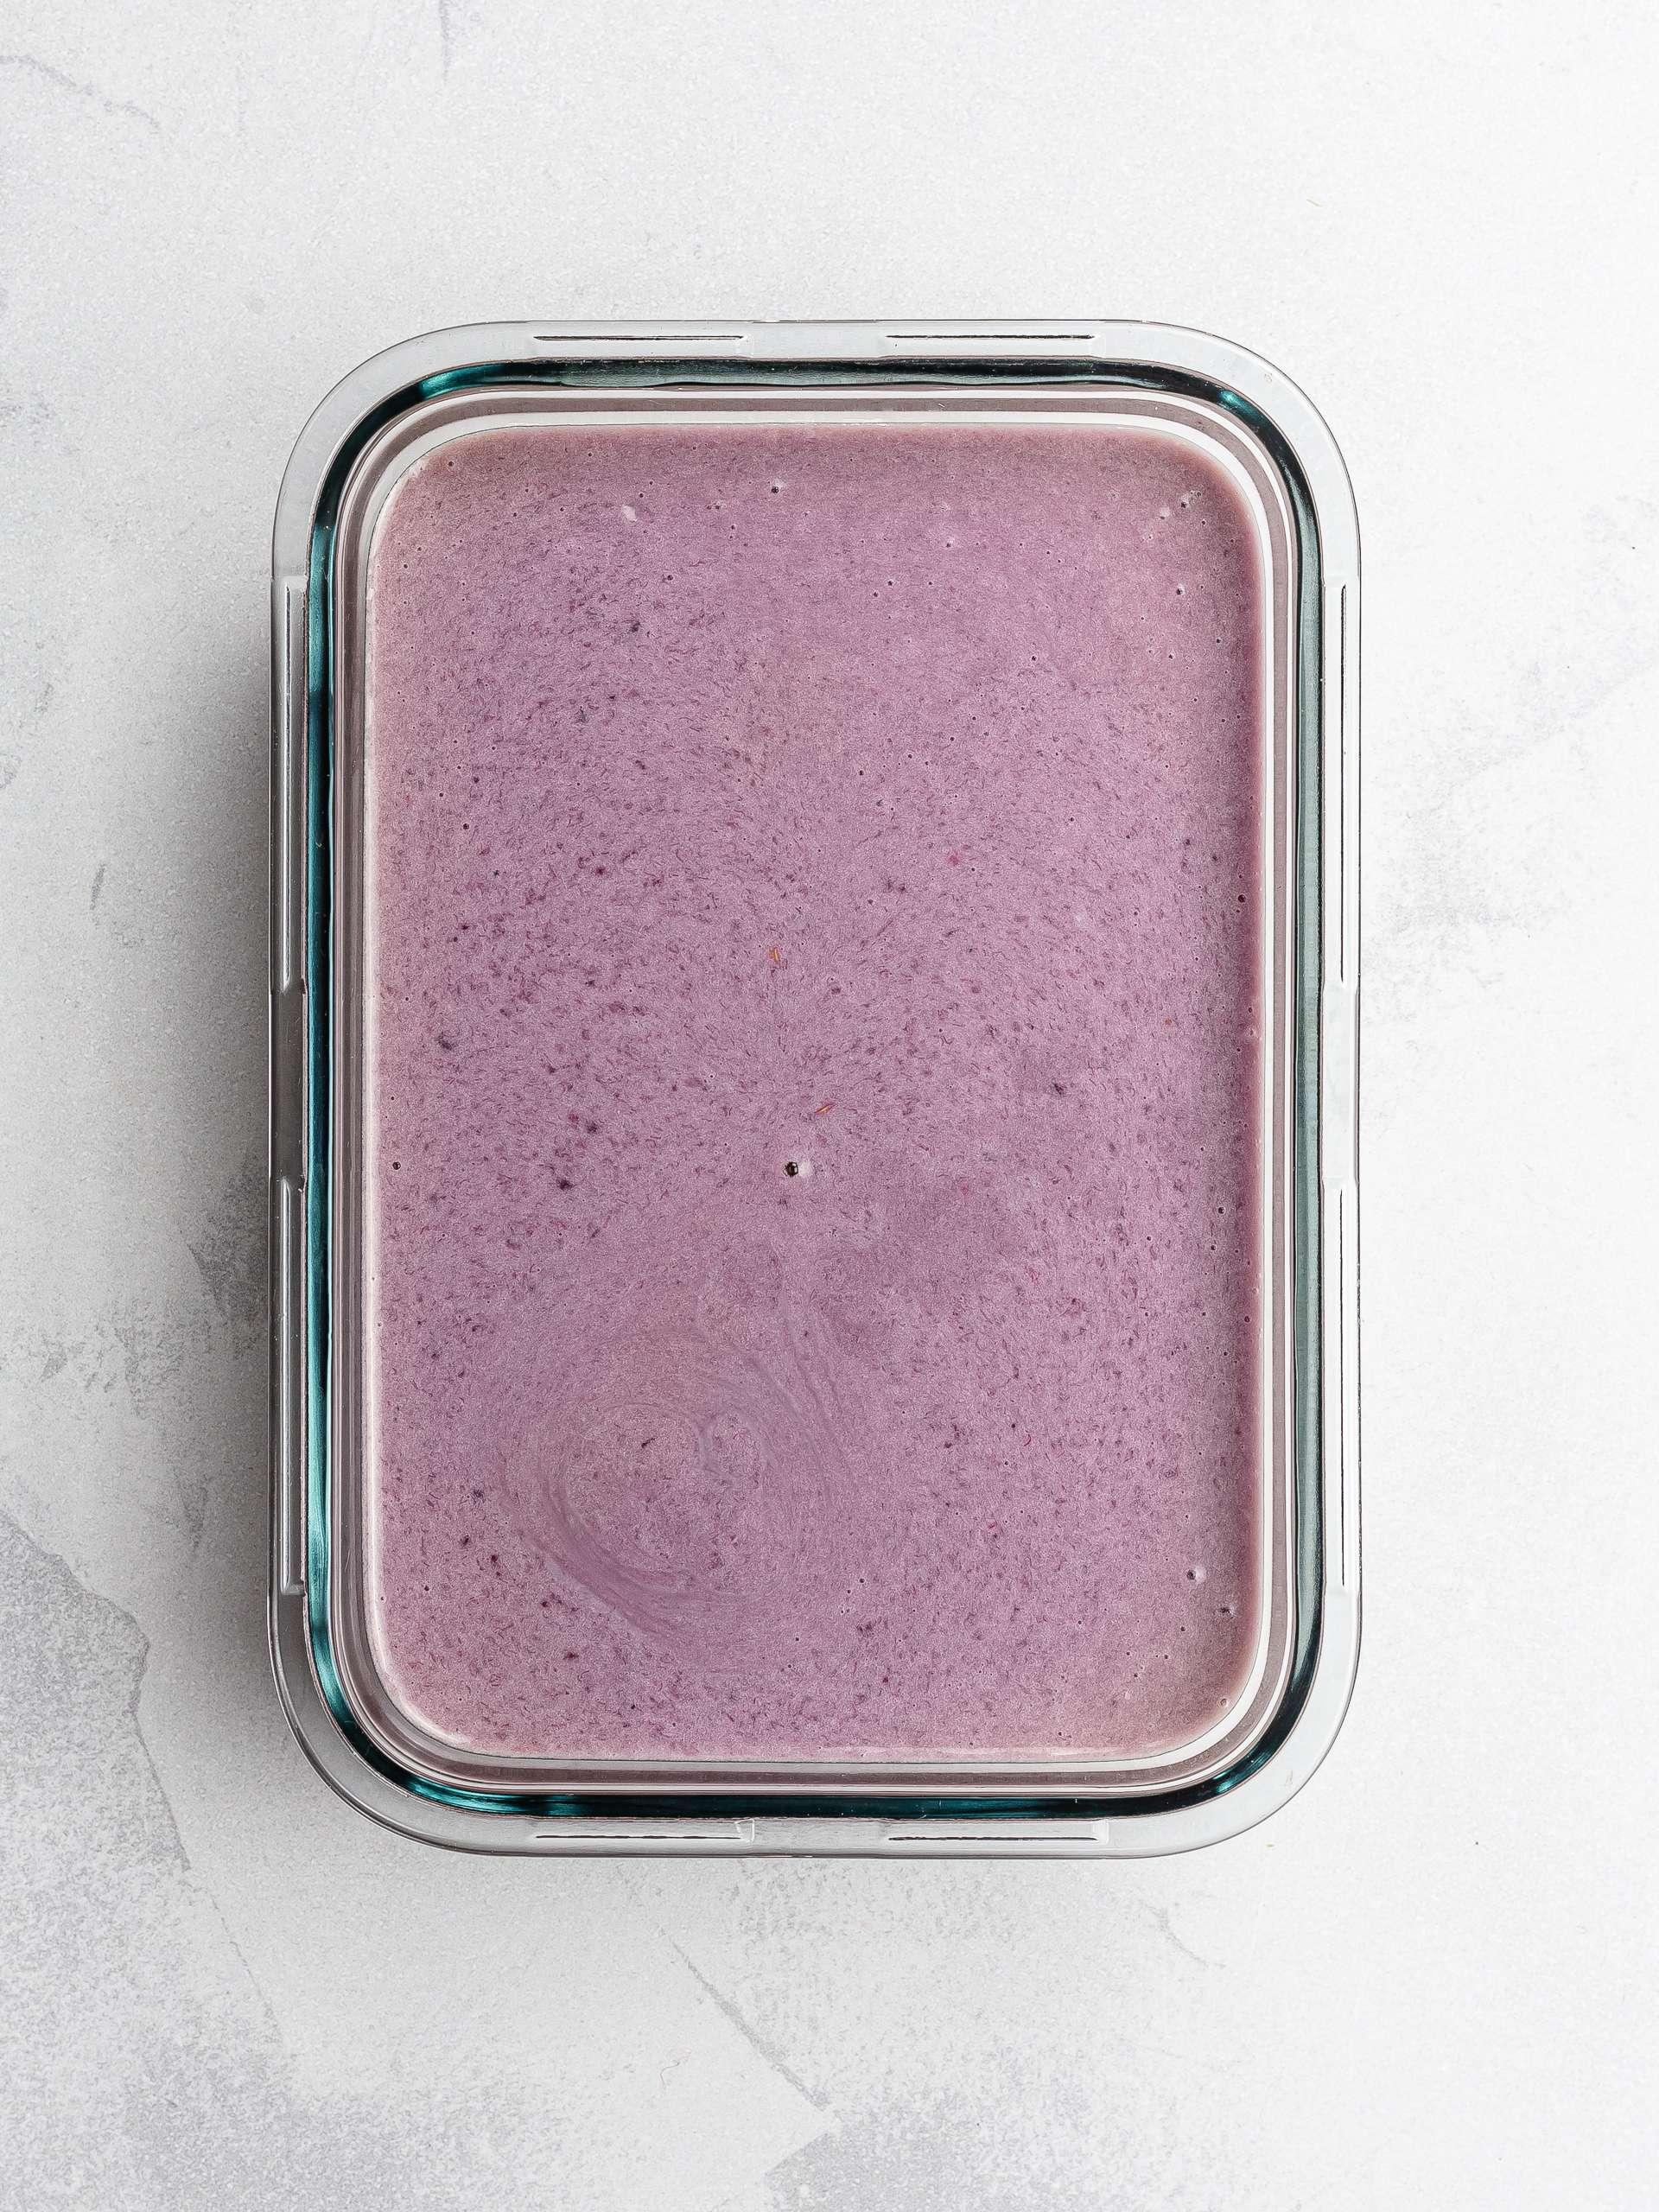 vegan lavender ice cream in a container